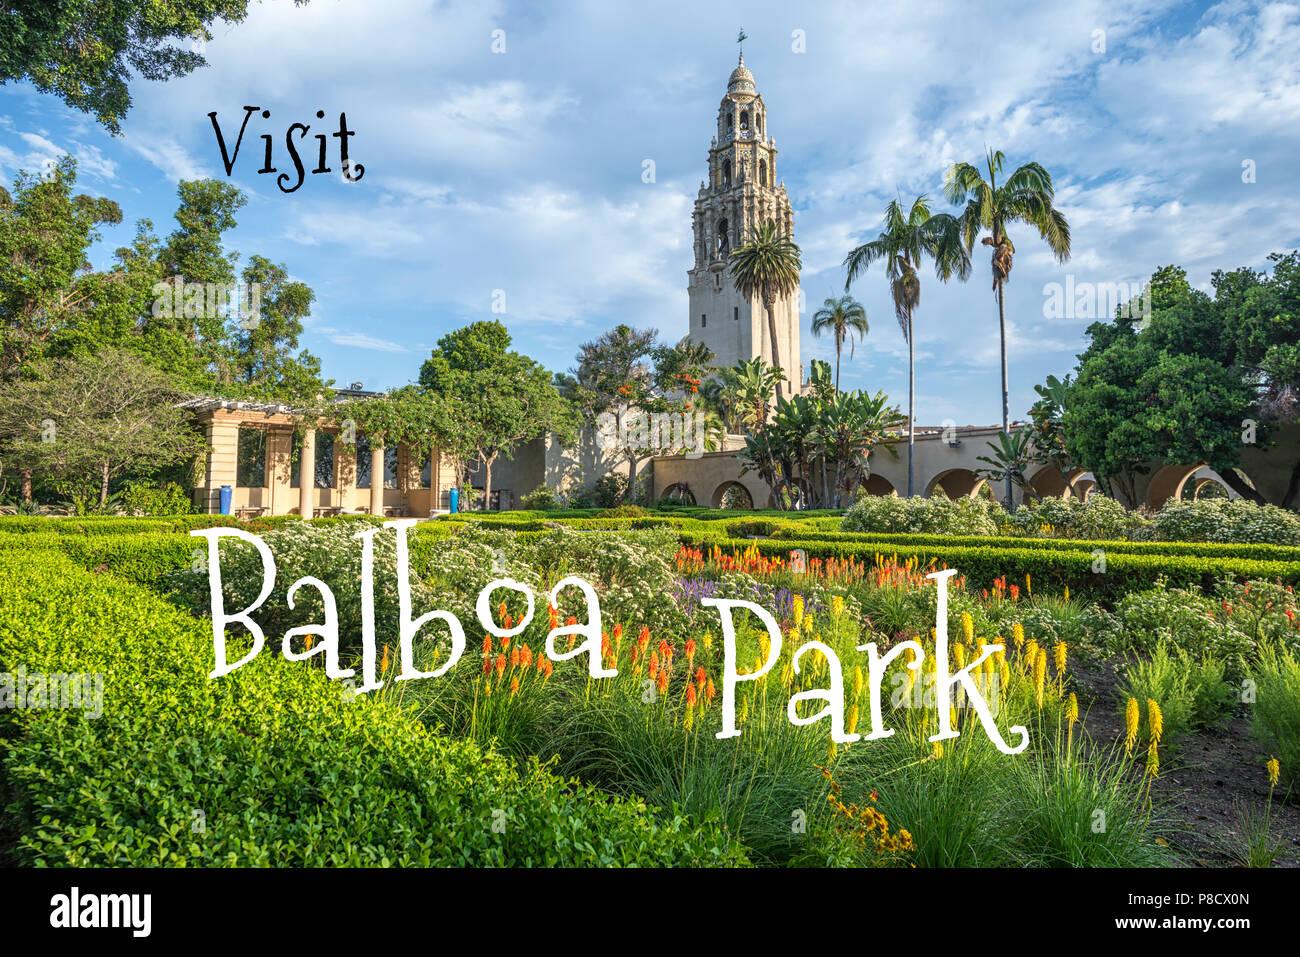 Travel Concept. Photograph of Alcazar Gardens at Balboa Park. San Diego, California, USA Stock Photo